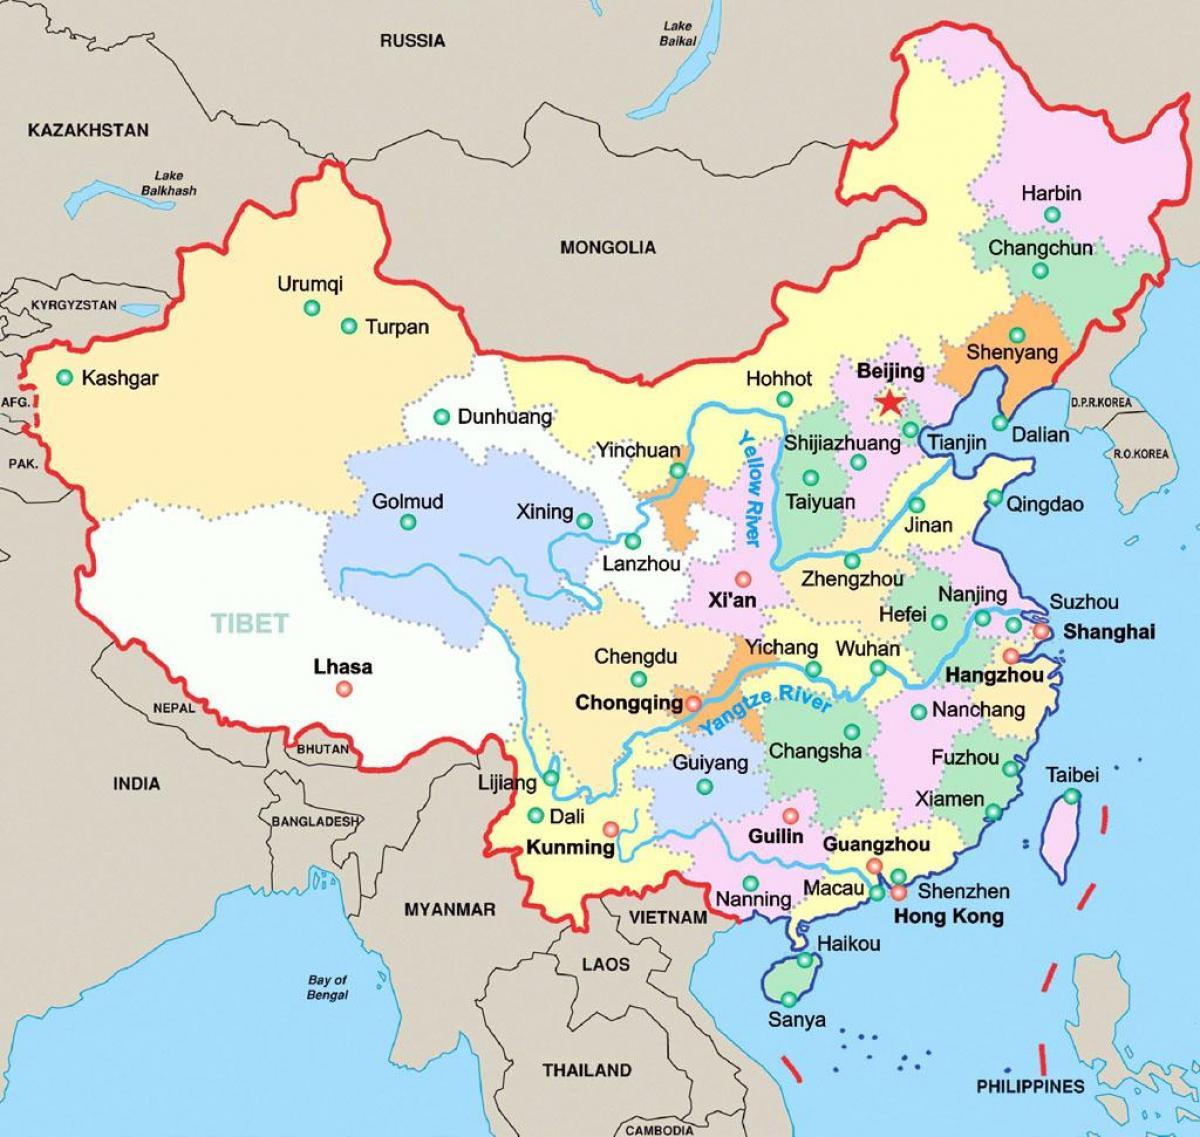 Kiinan Kartalla Kiinan Kartalla Ita Aasia Aasia